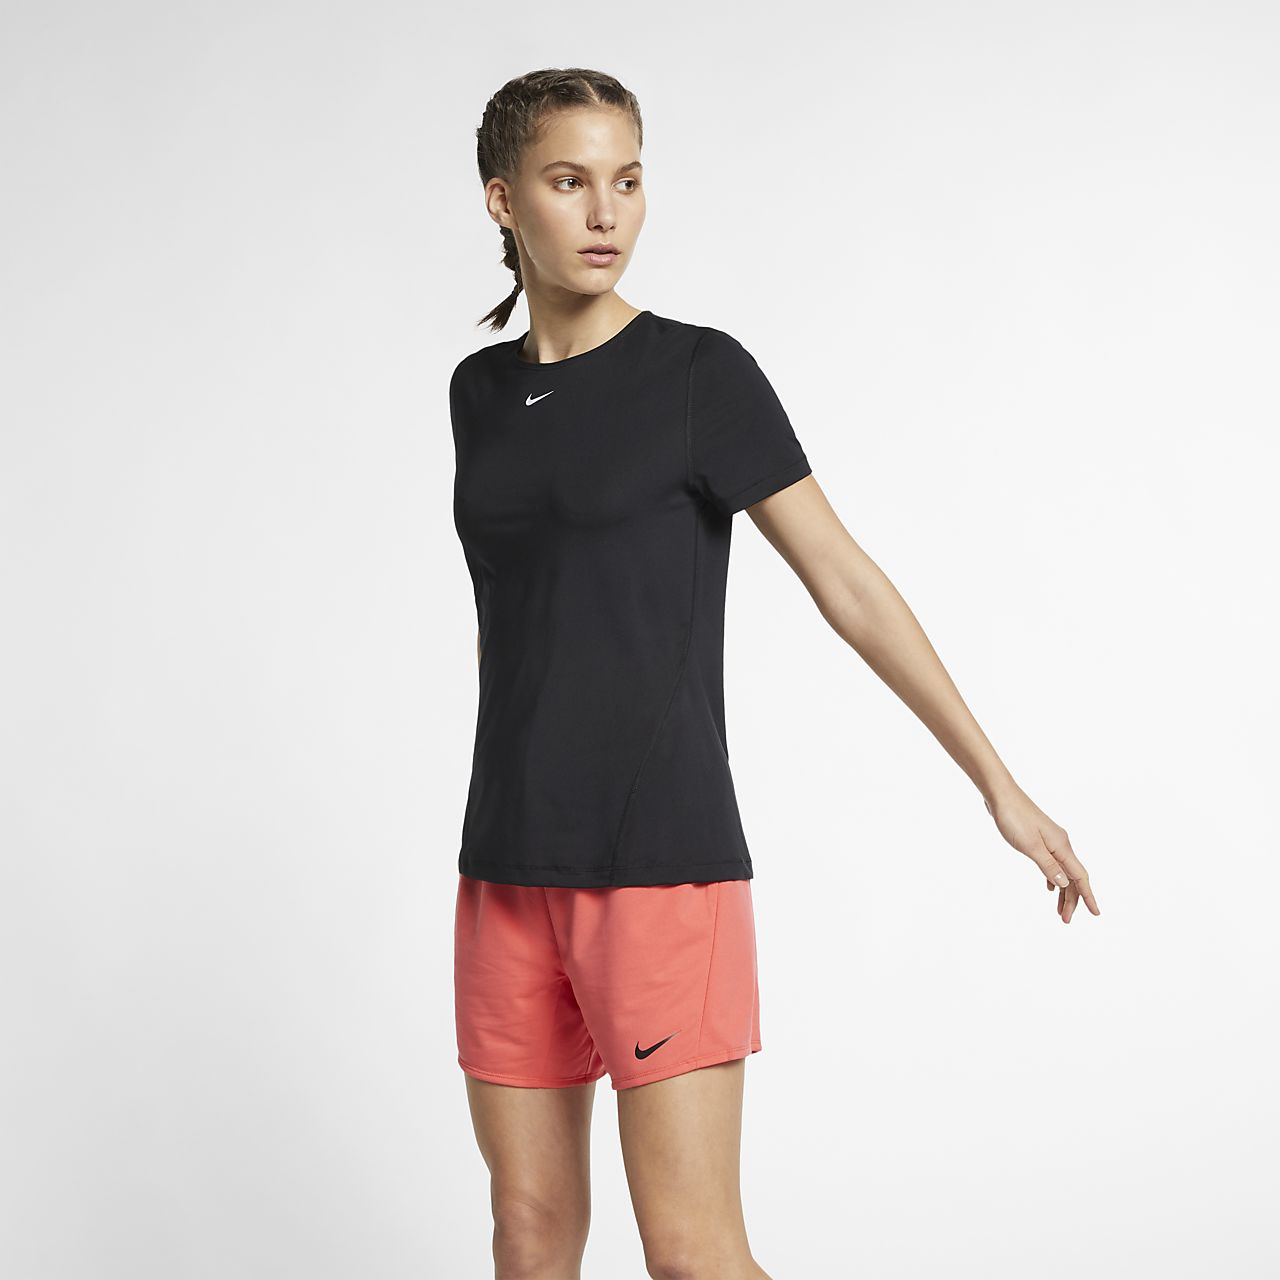 Haut de training en mesh à manches courtes Nike Pro pour Femme